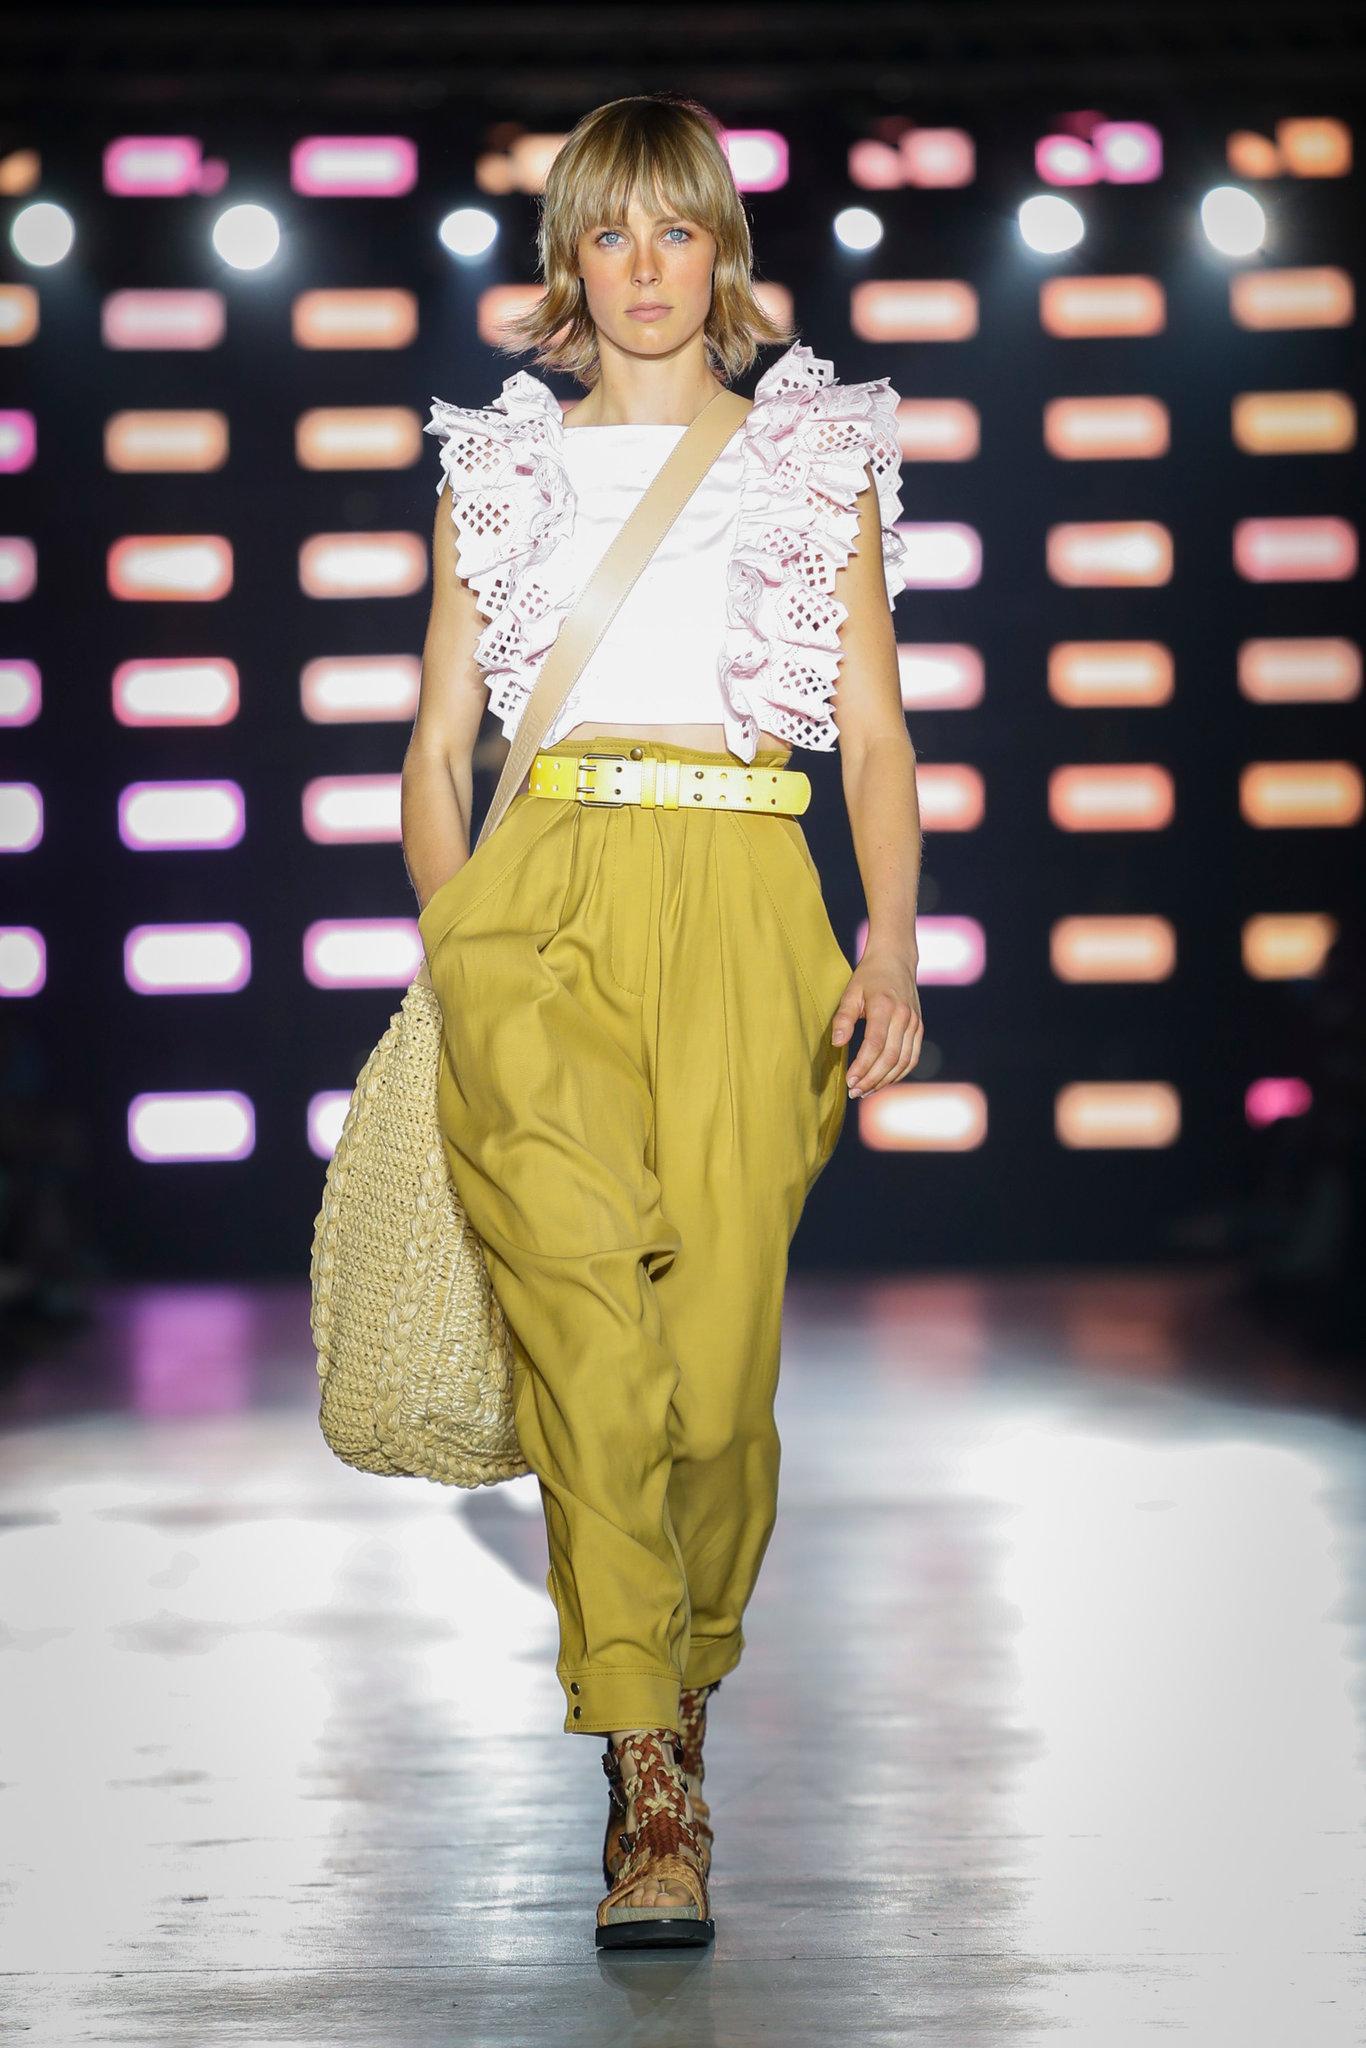 אופנה קיץ 2019: מגמות וטרנדים לקיץ 2019 4 אופנה קיץ 2019: מגמות וטרנדים לקיץ 2019